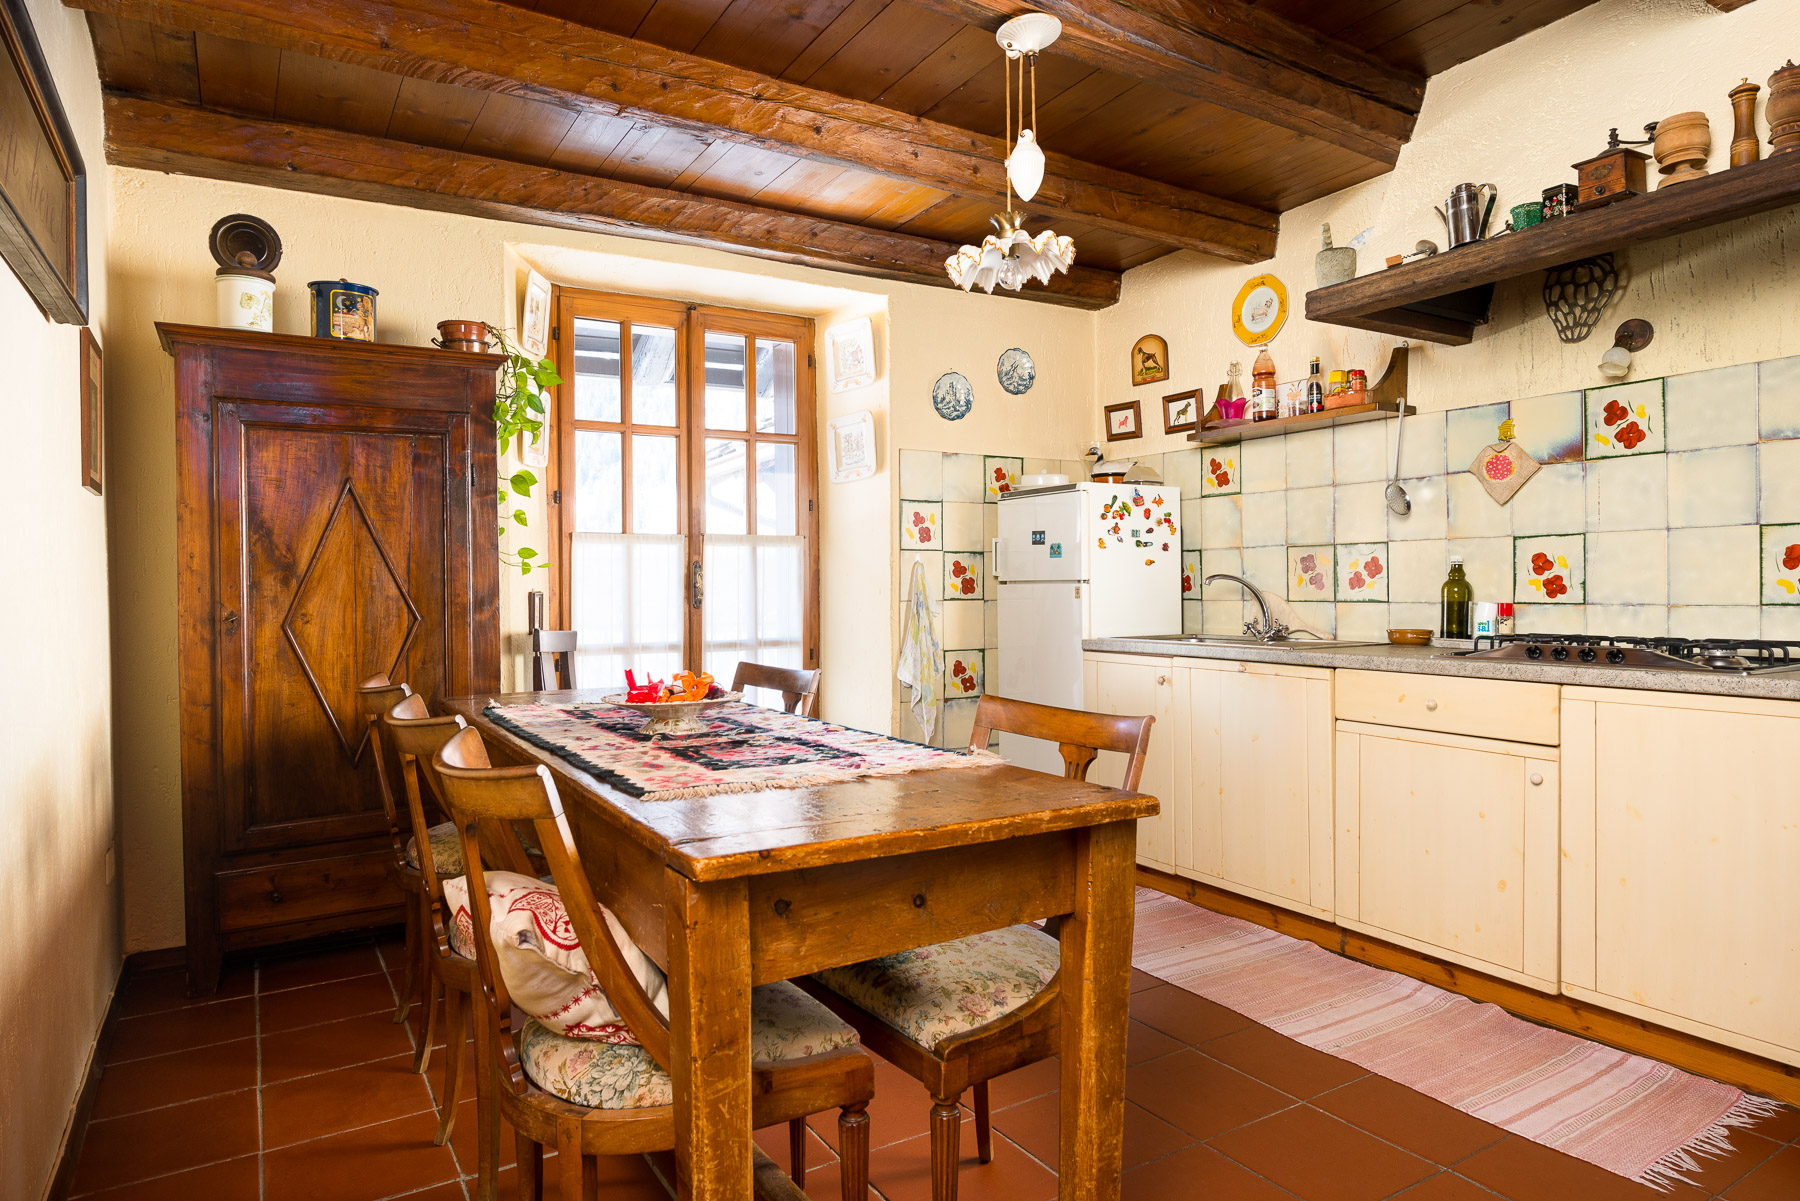 Casa indipendente in Vendita a Courmayeur: 5 locali, 500 mq - Foto 7